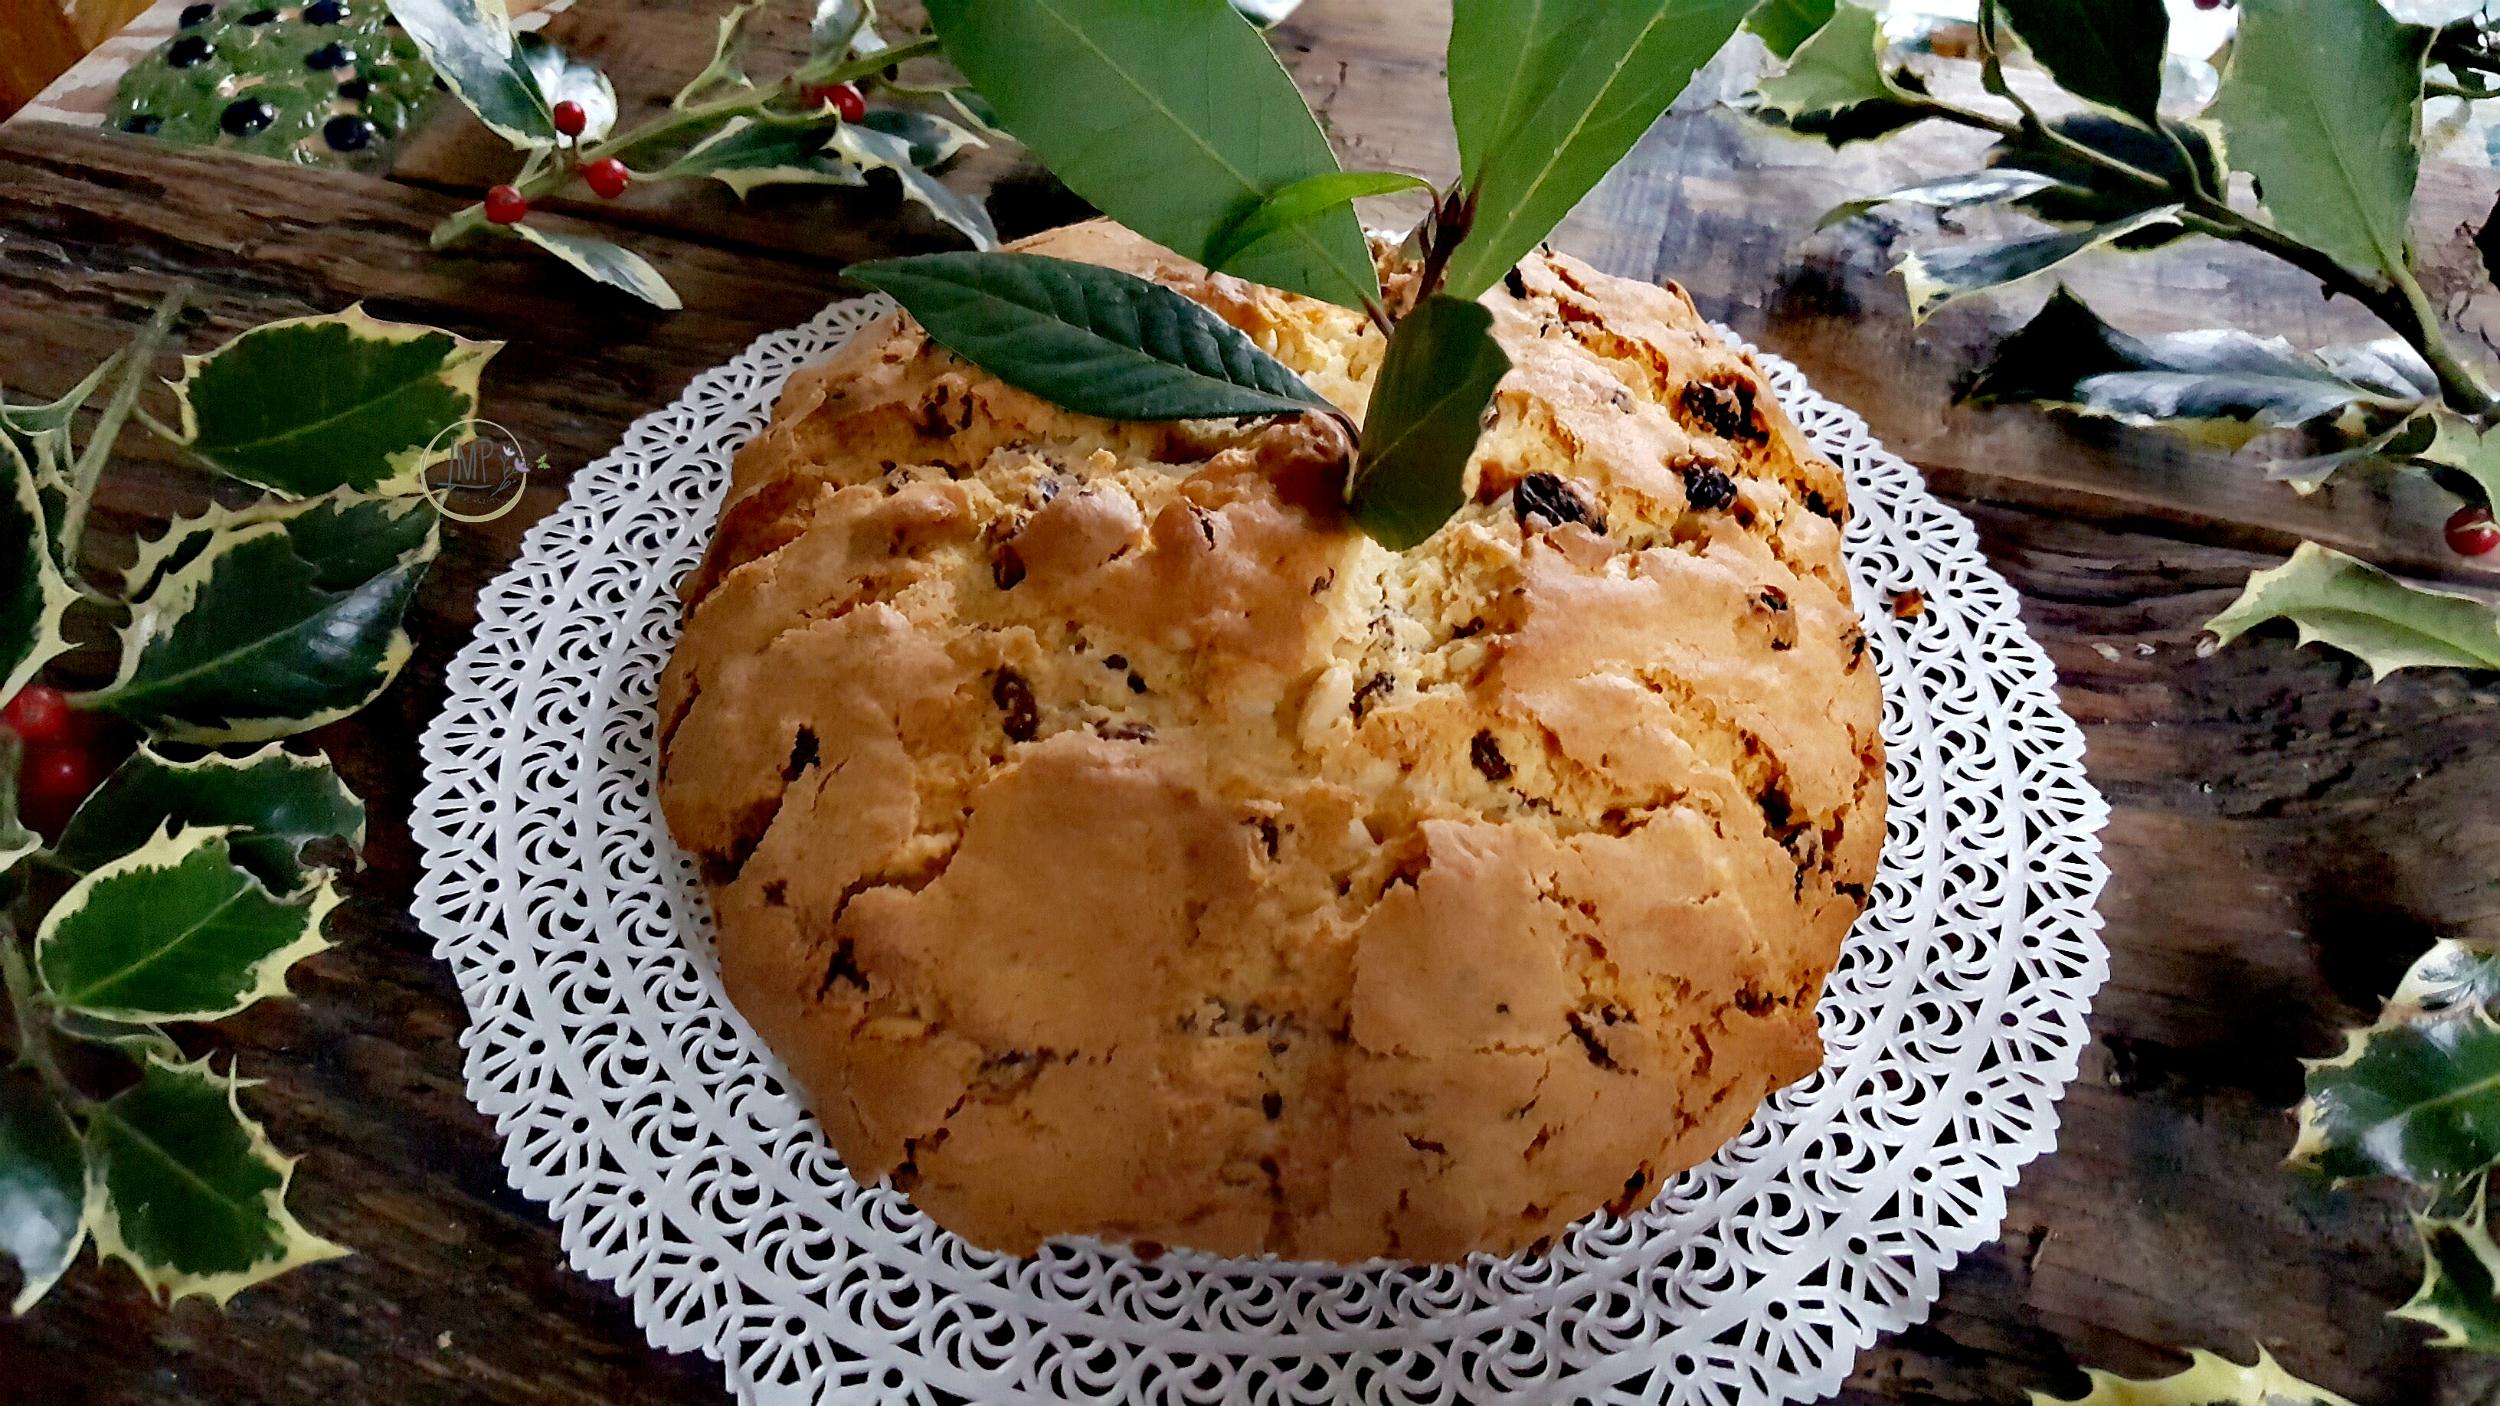 Pandolce genovese a Natale con il tradizionale alloro